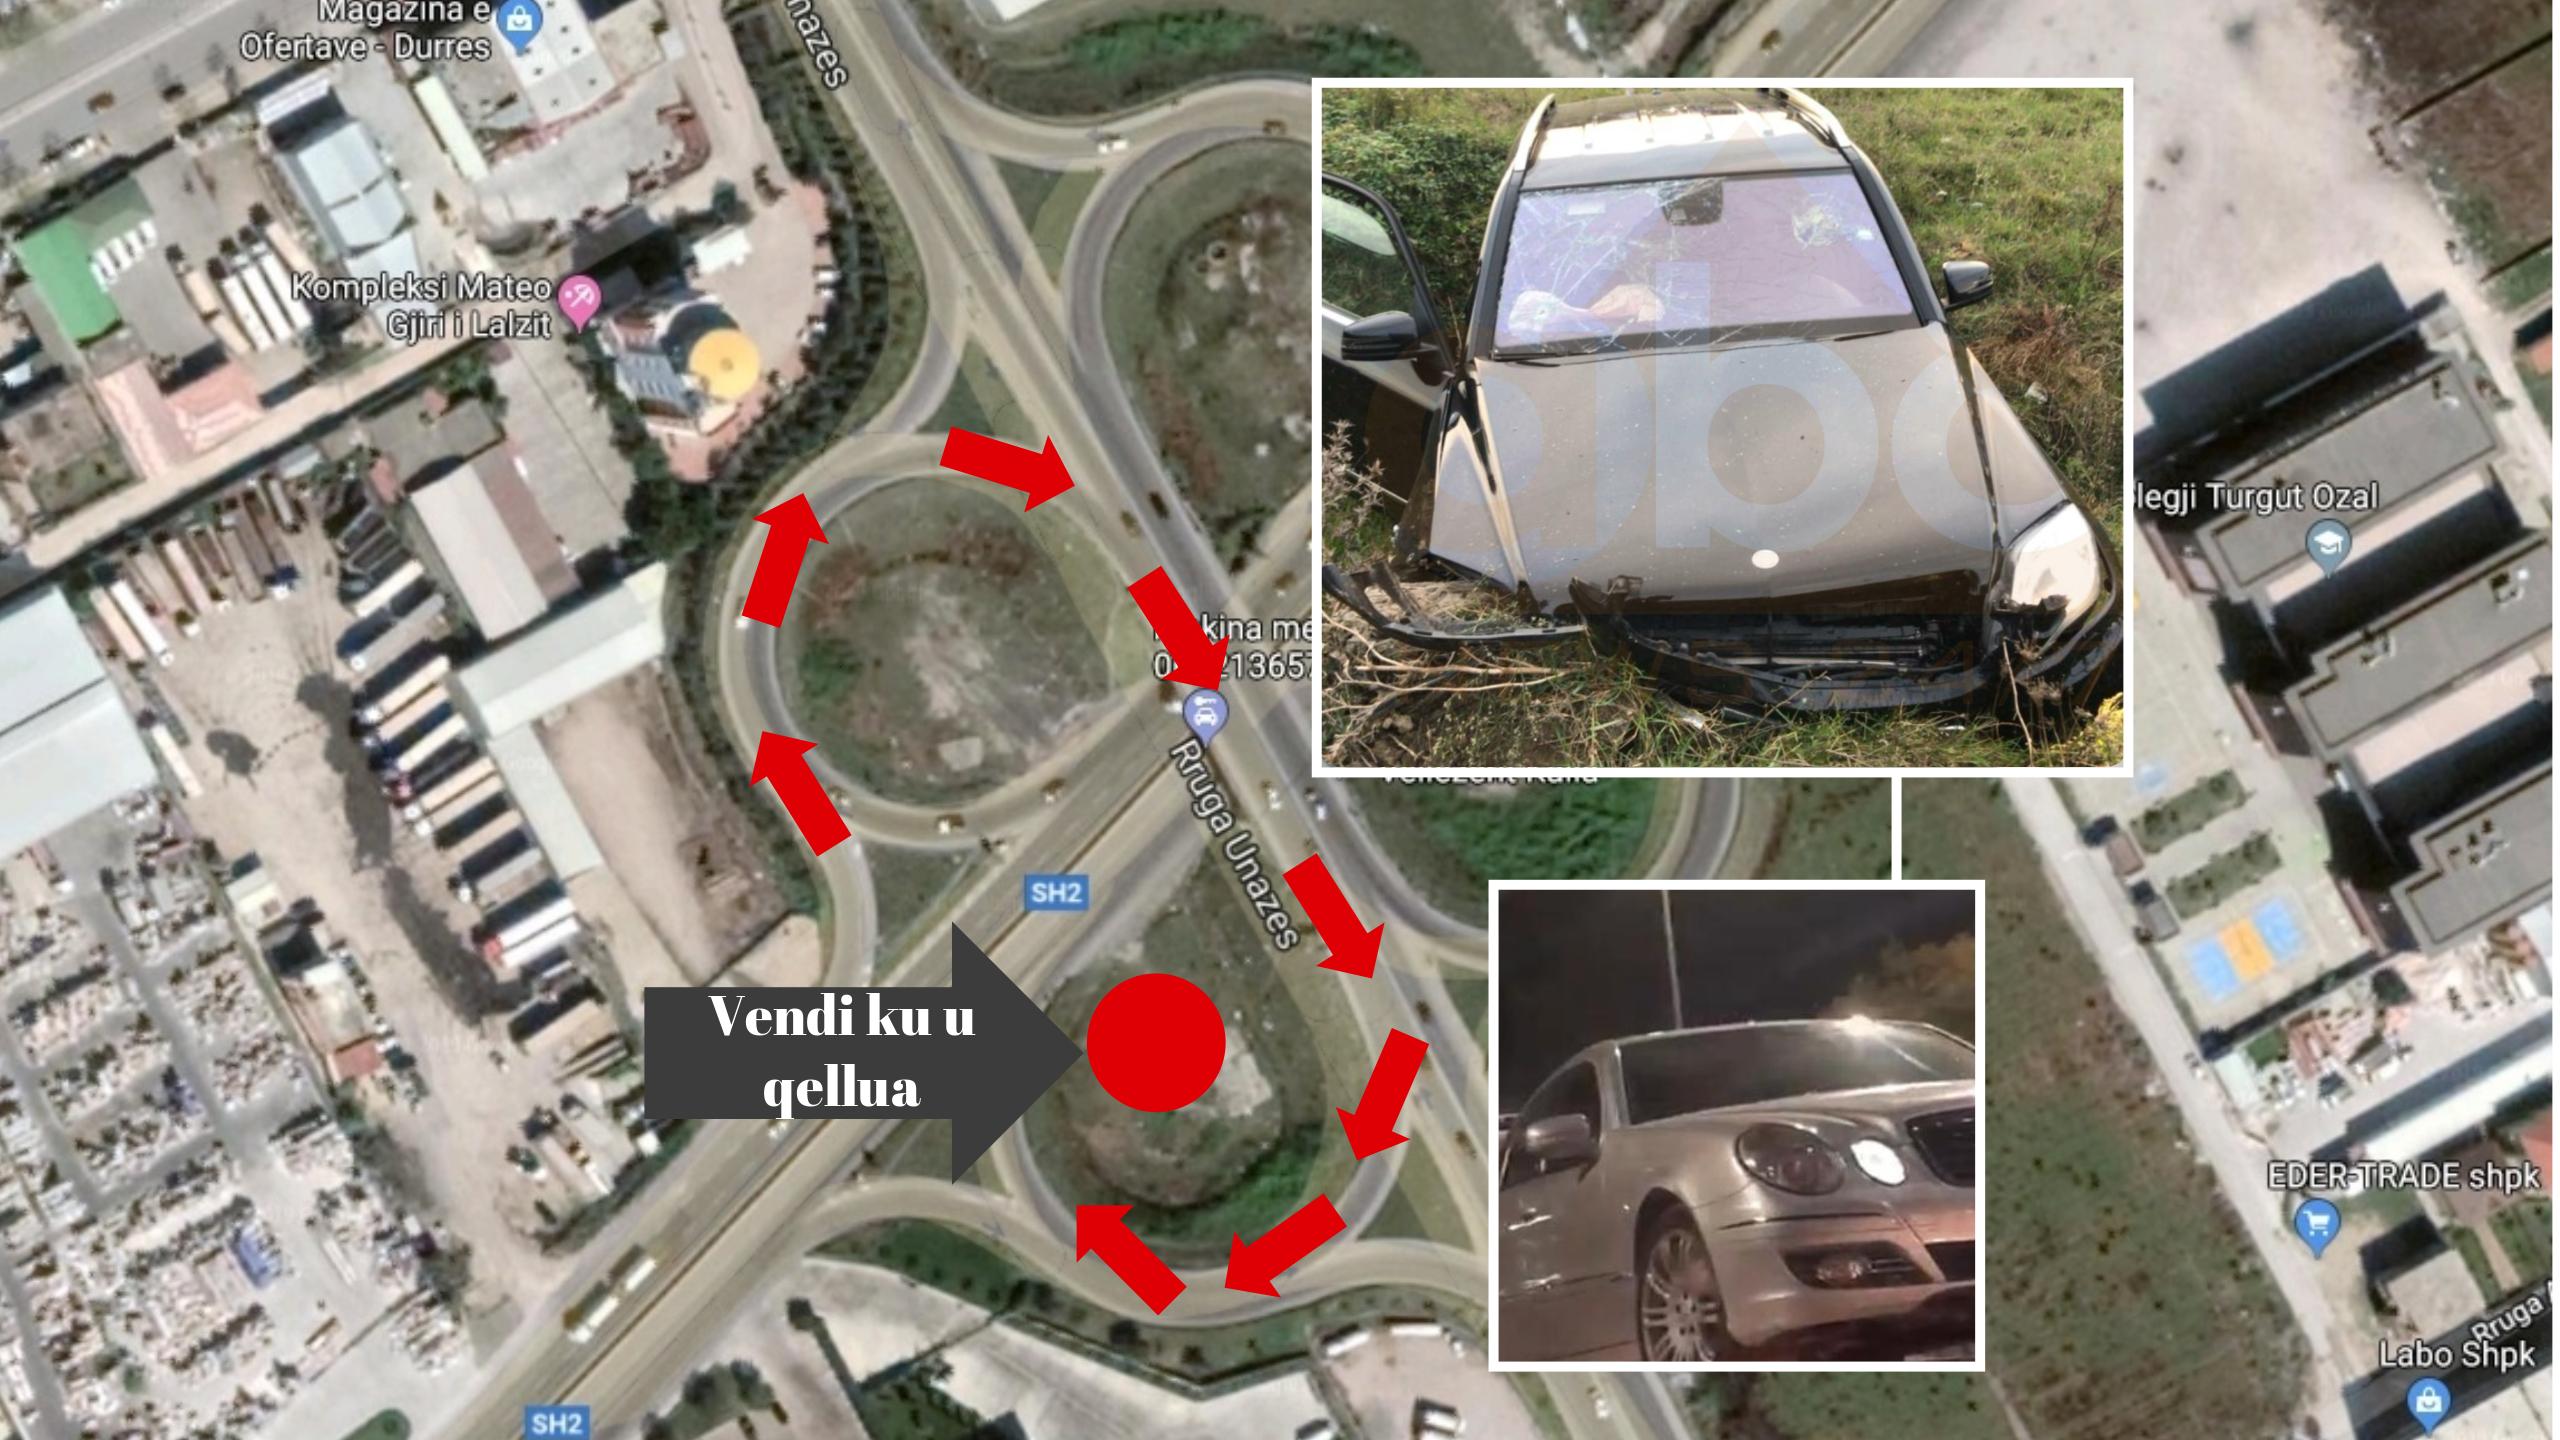 SKEMA/ Një makinë tjetër u sigurua që e vranë, si ndodhi atentati ndaj prokurorit